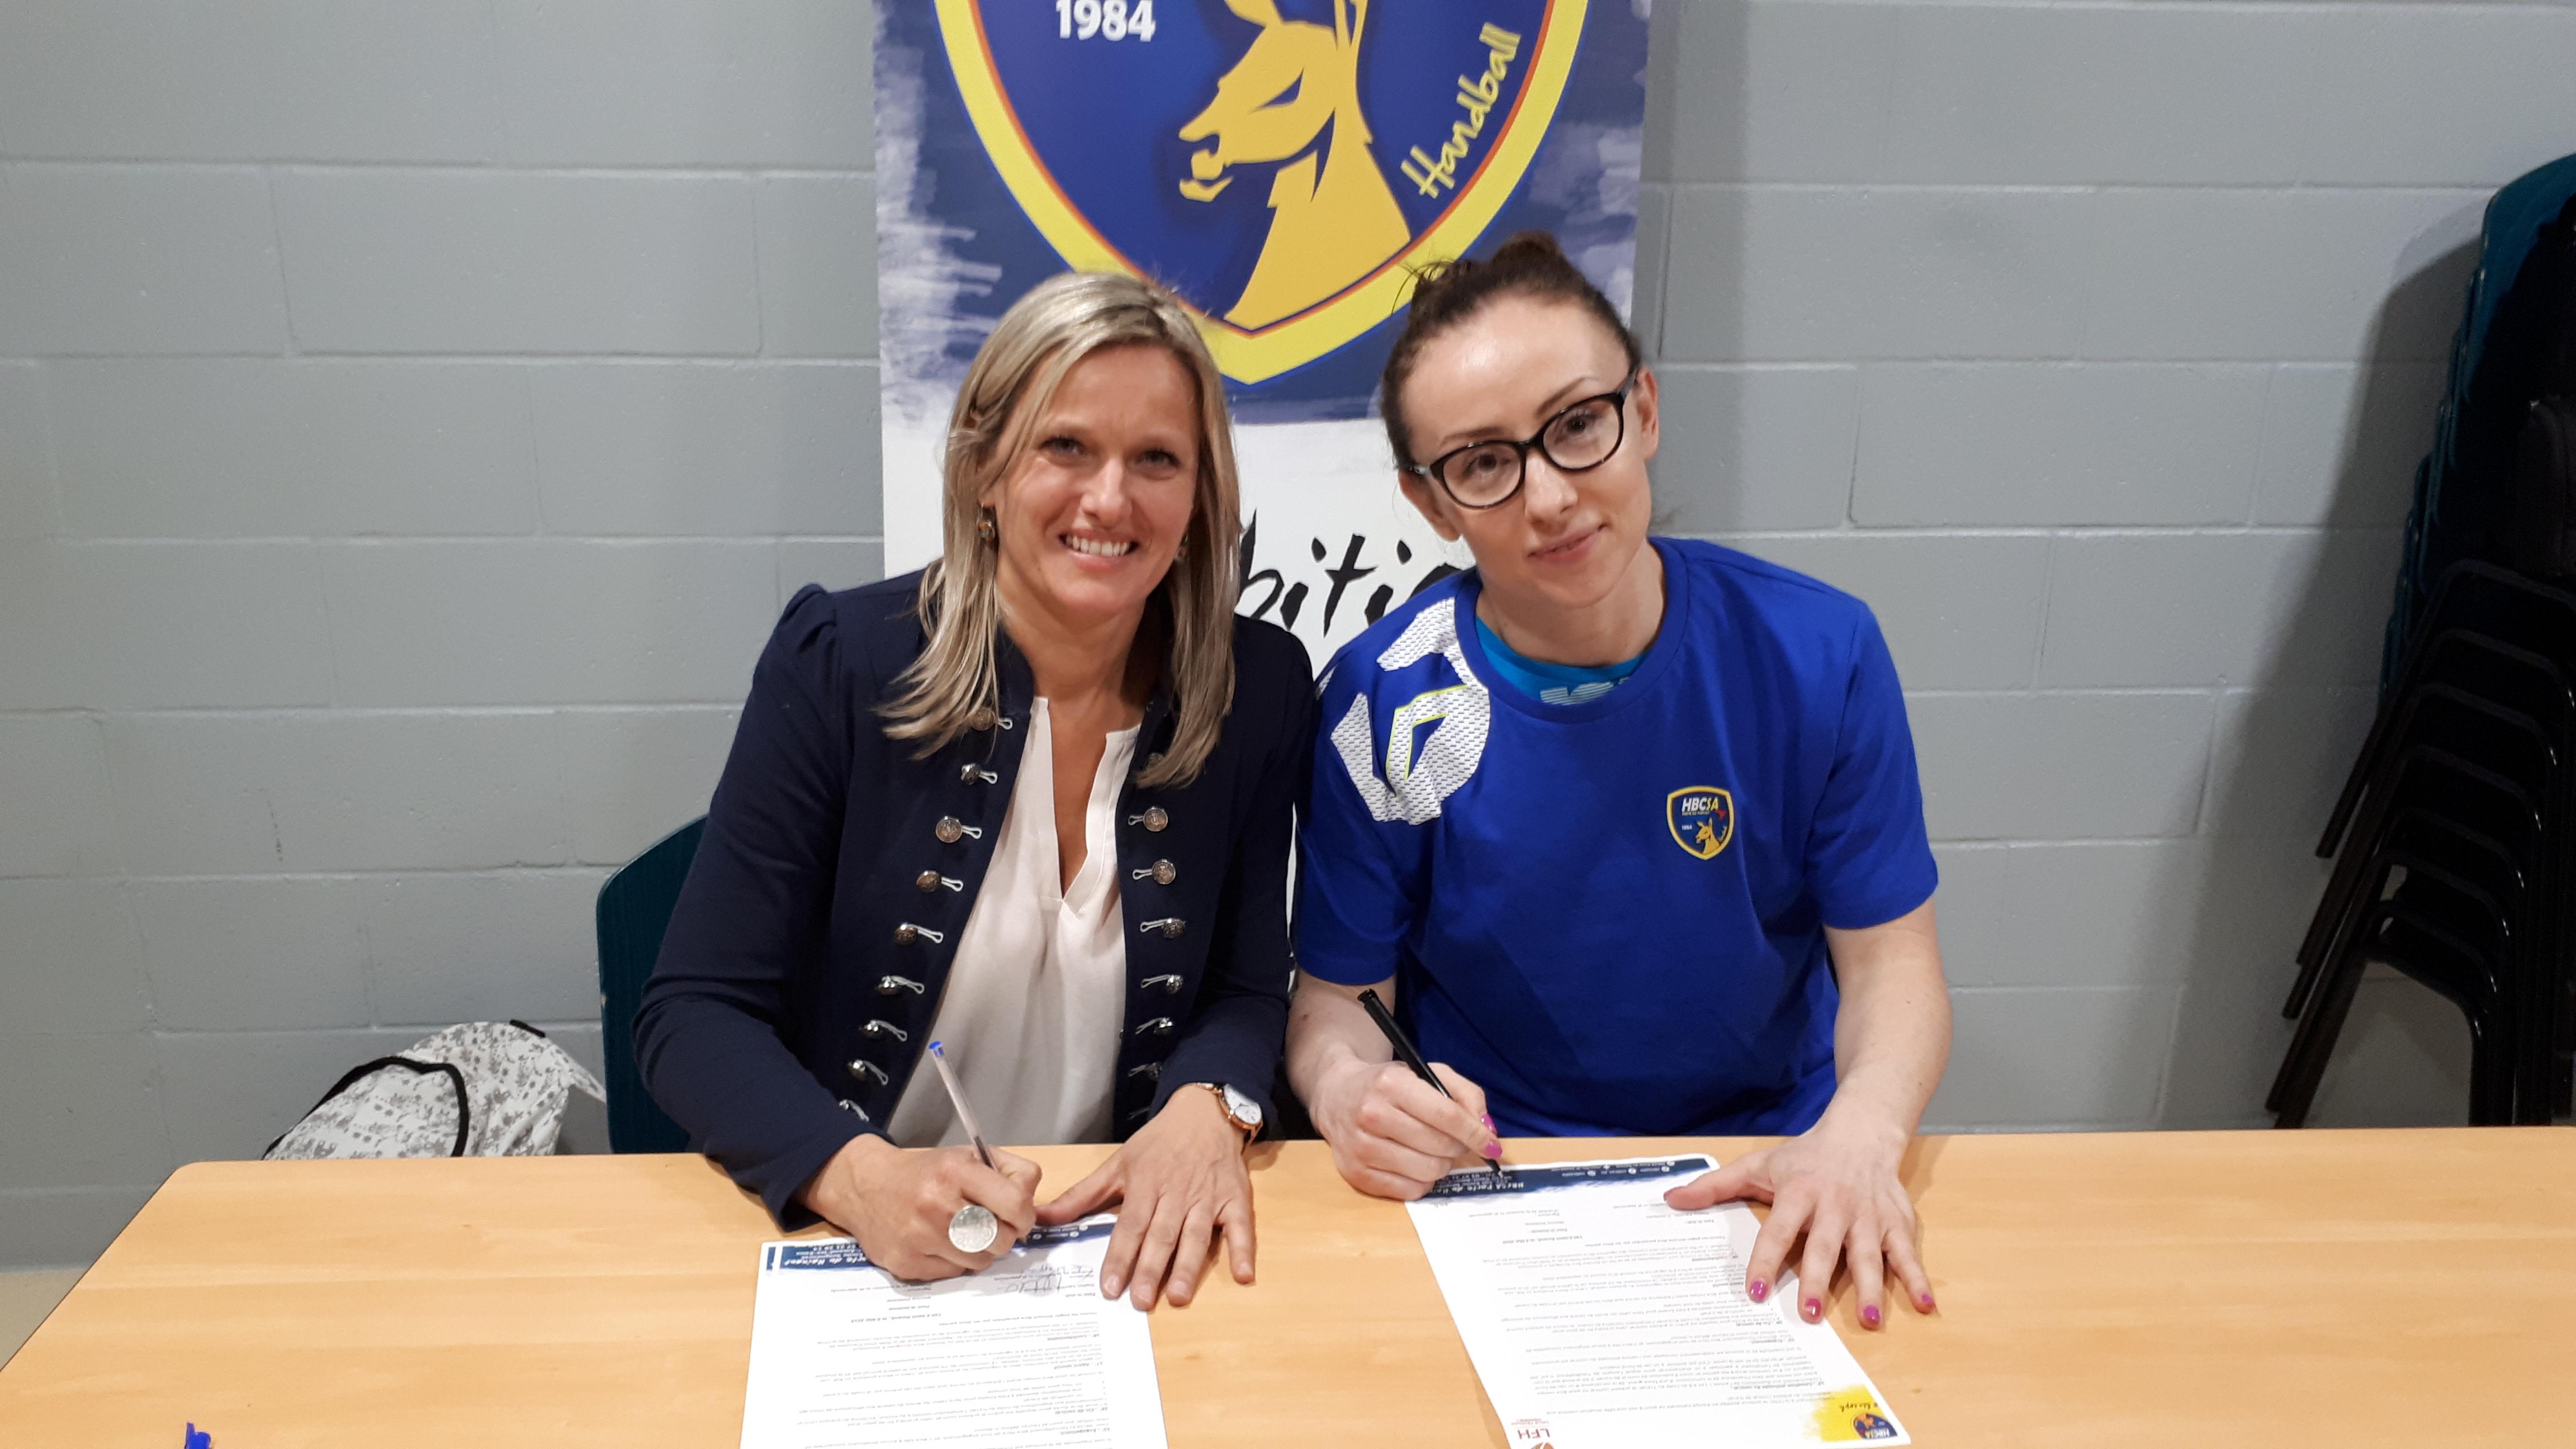 Marina Živković sera amandinoise la saison prochaine !